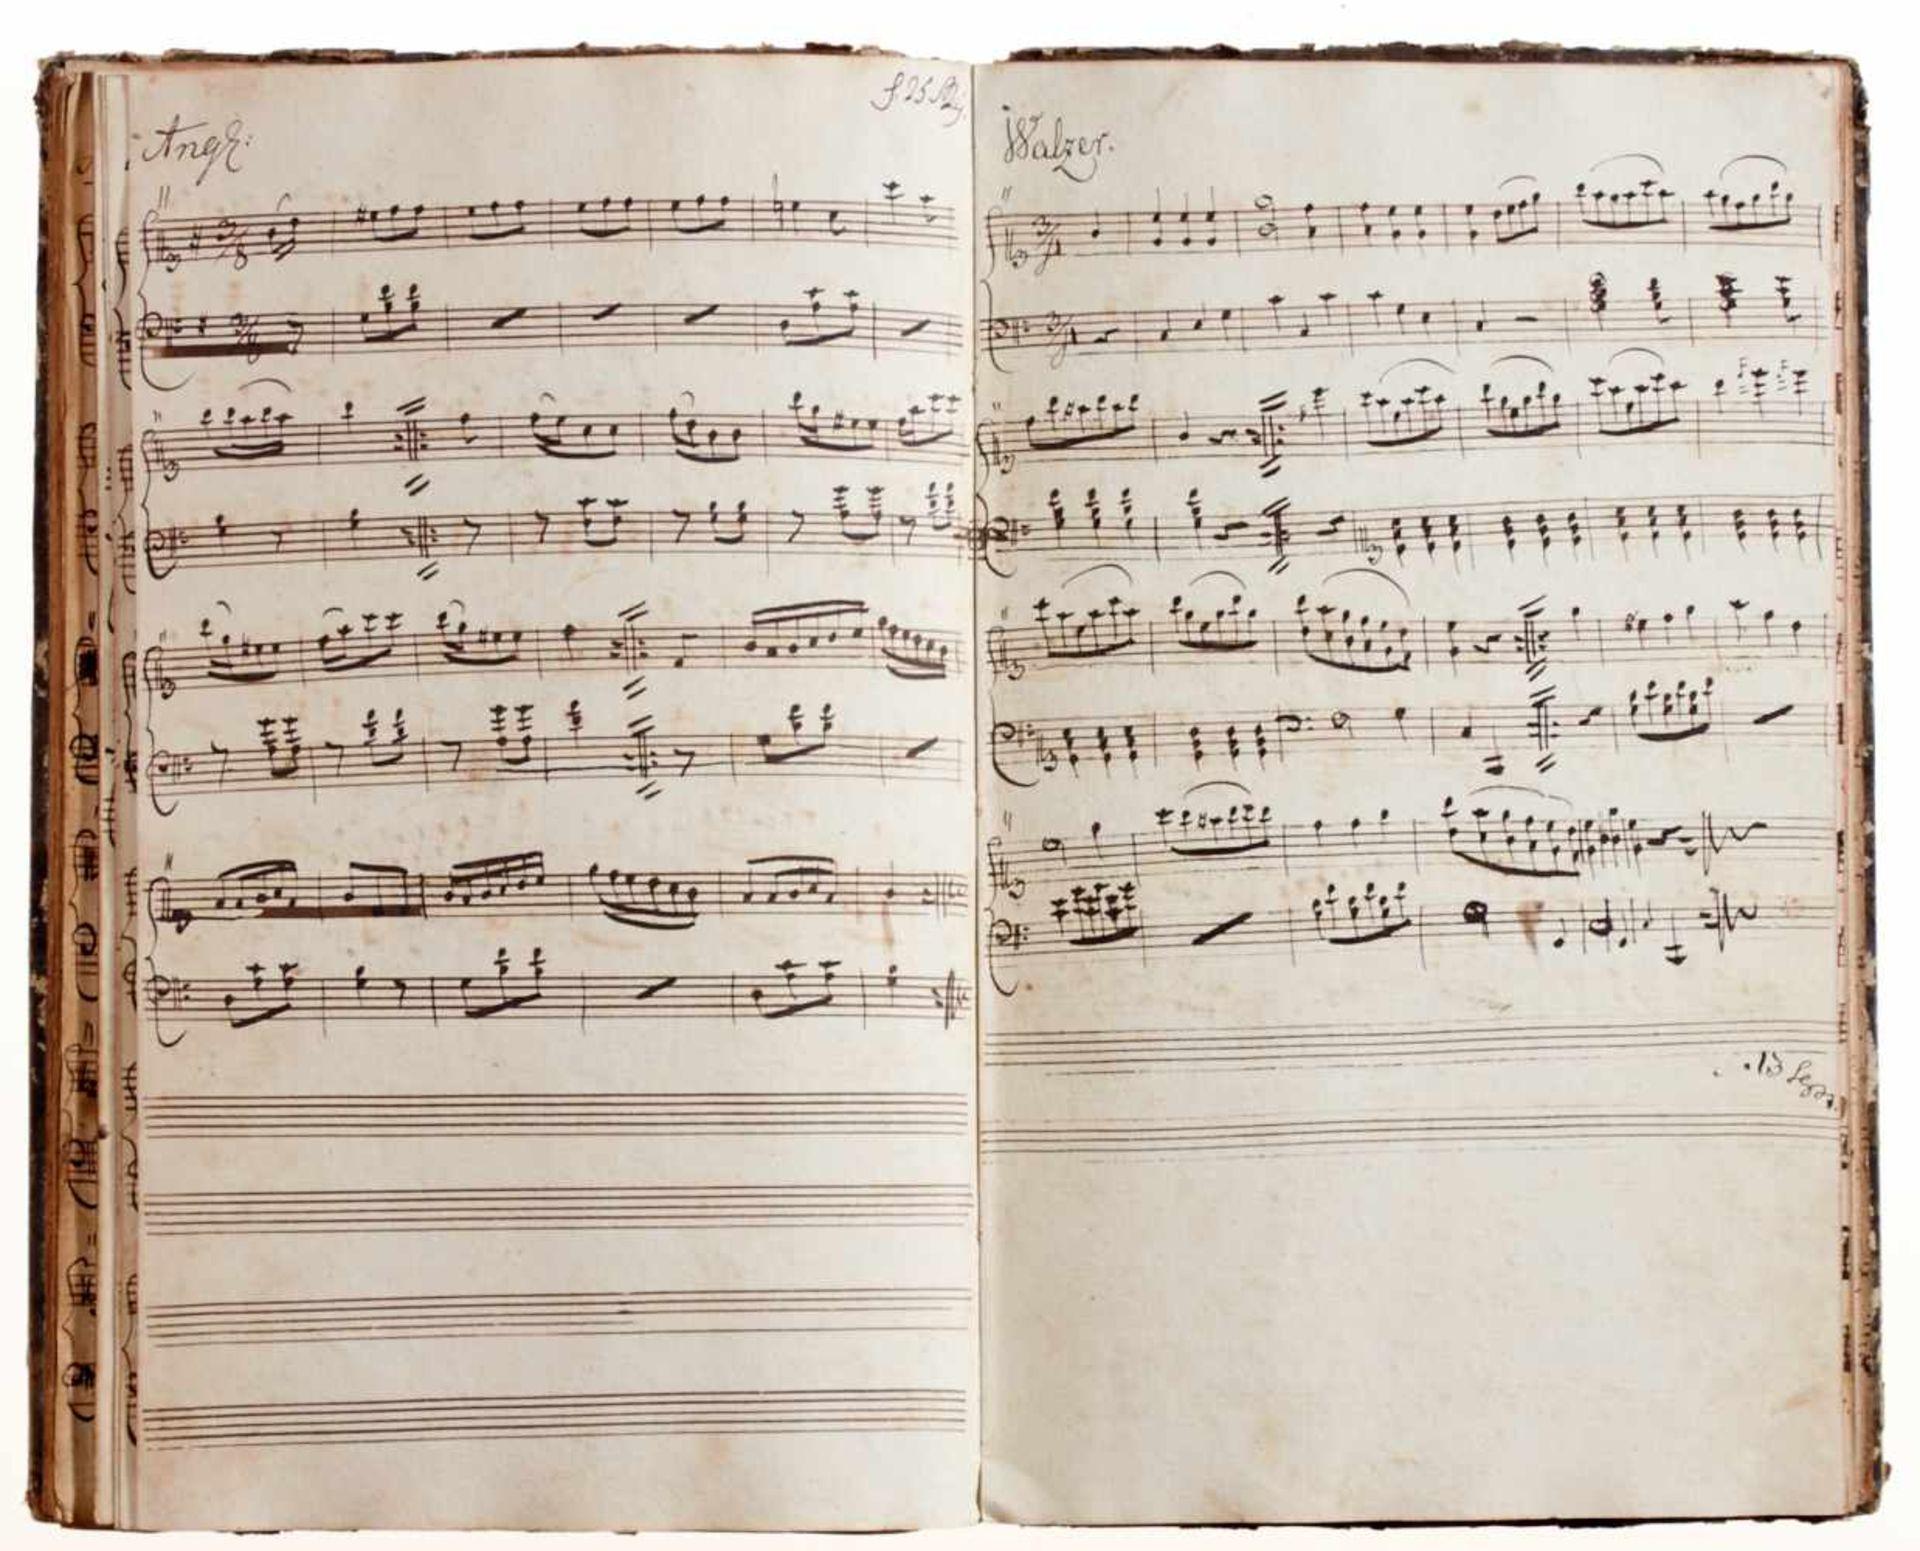 """Rese- """"Clavier Buch für I. Rese. Den 4 Junius 1798.""""Deutsche Handschrift auf Papier. Halberstadt?, - Bild 4 aus 4"""